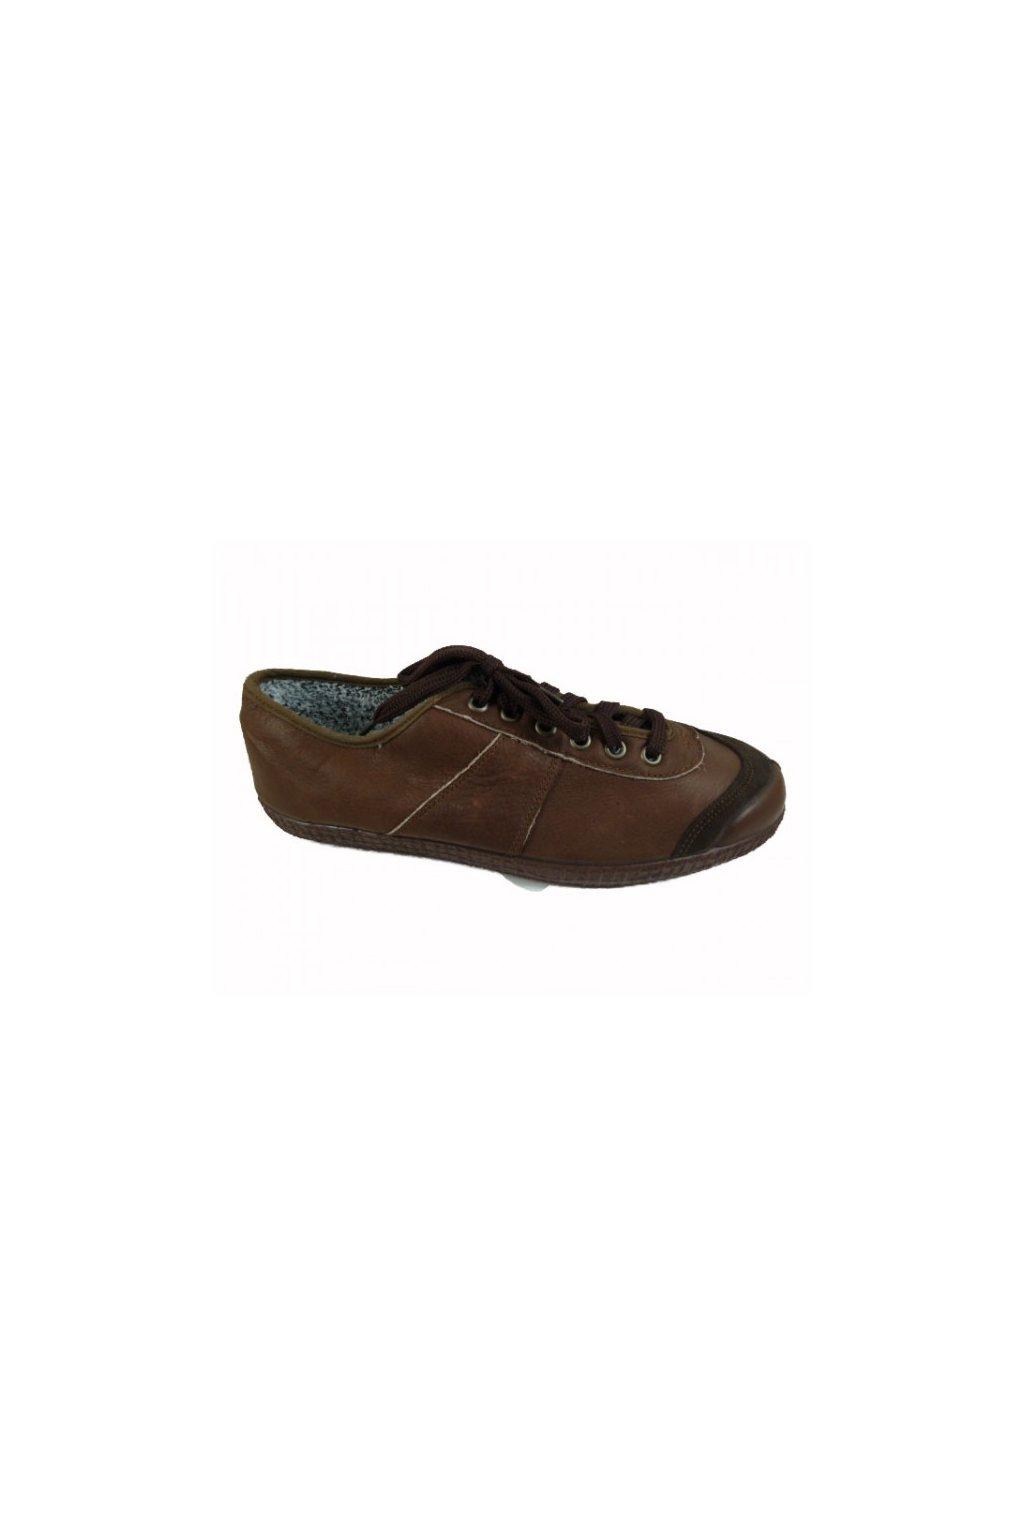 T-shoes 1704 hnědá